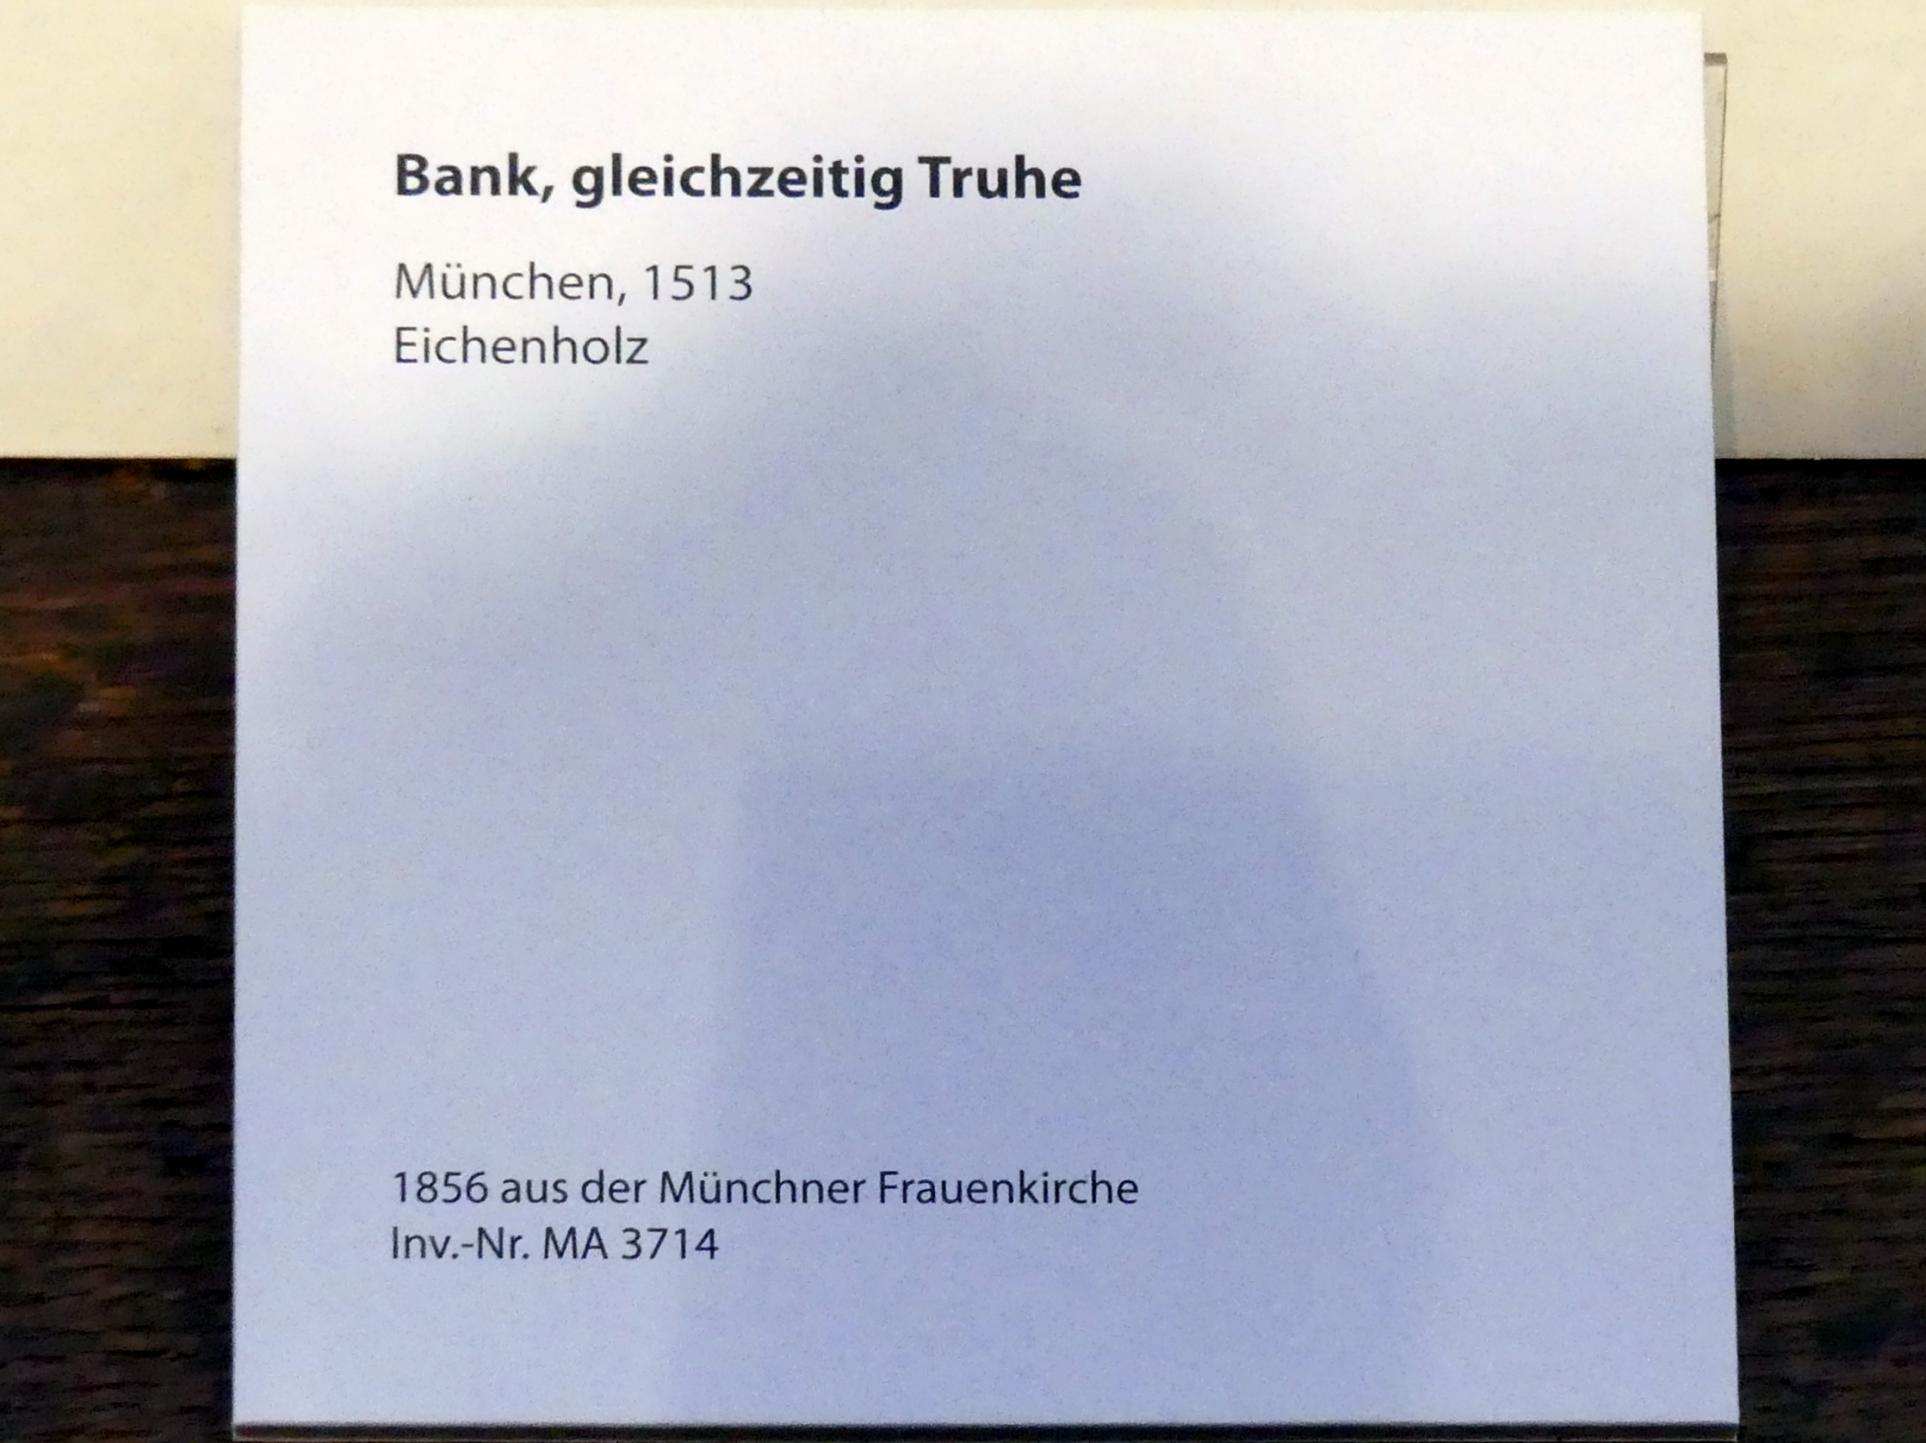 Bank, gleichzeitig Truhe, 1513, Bild 2/2